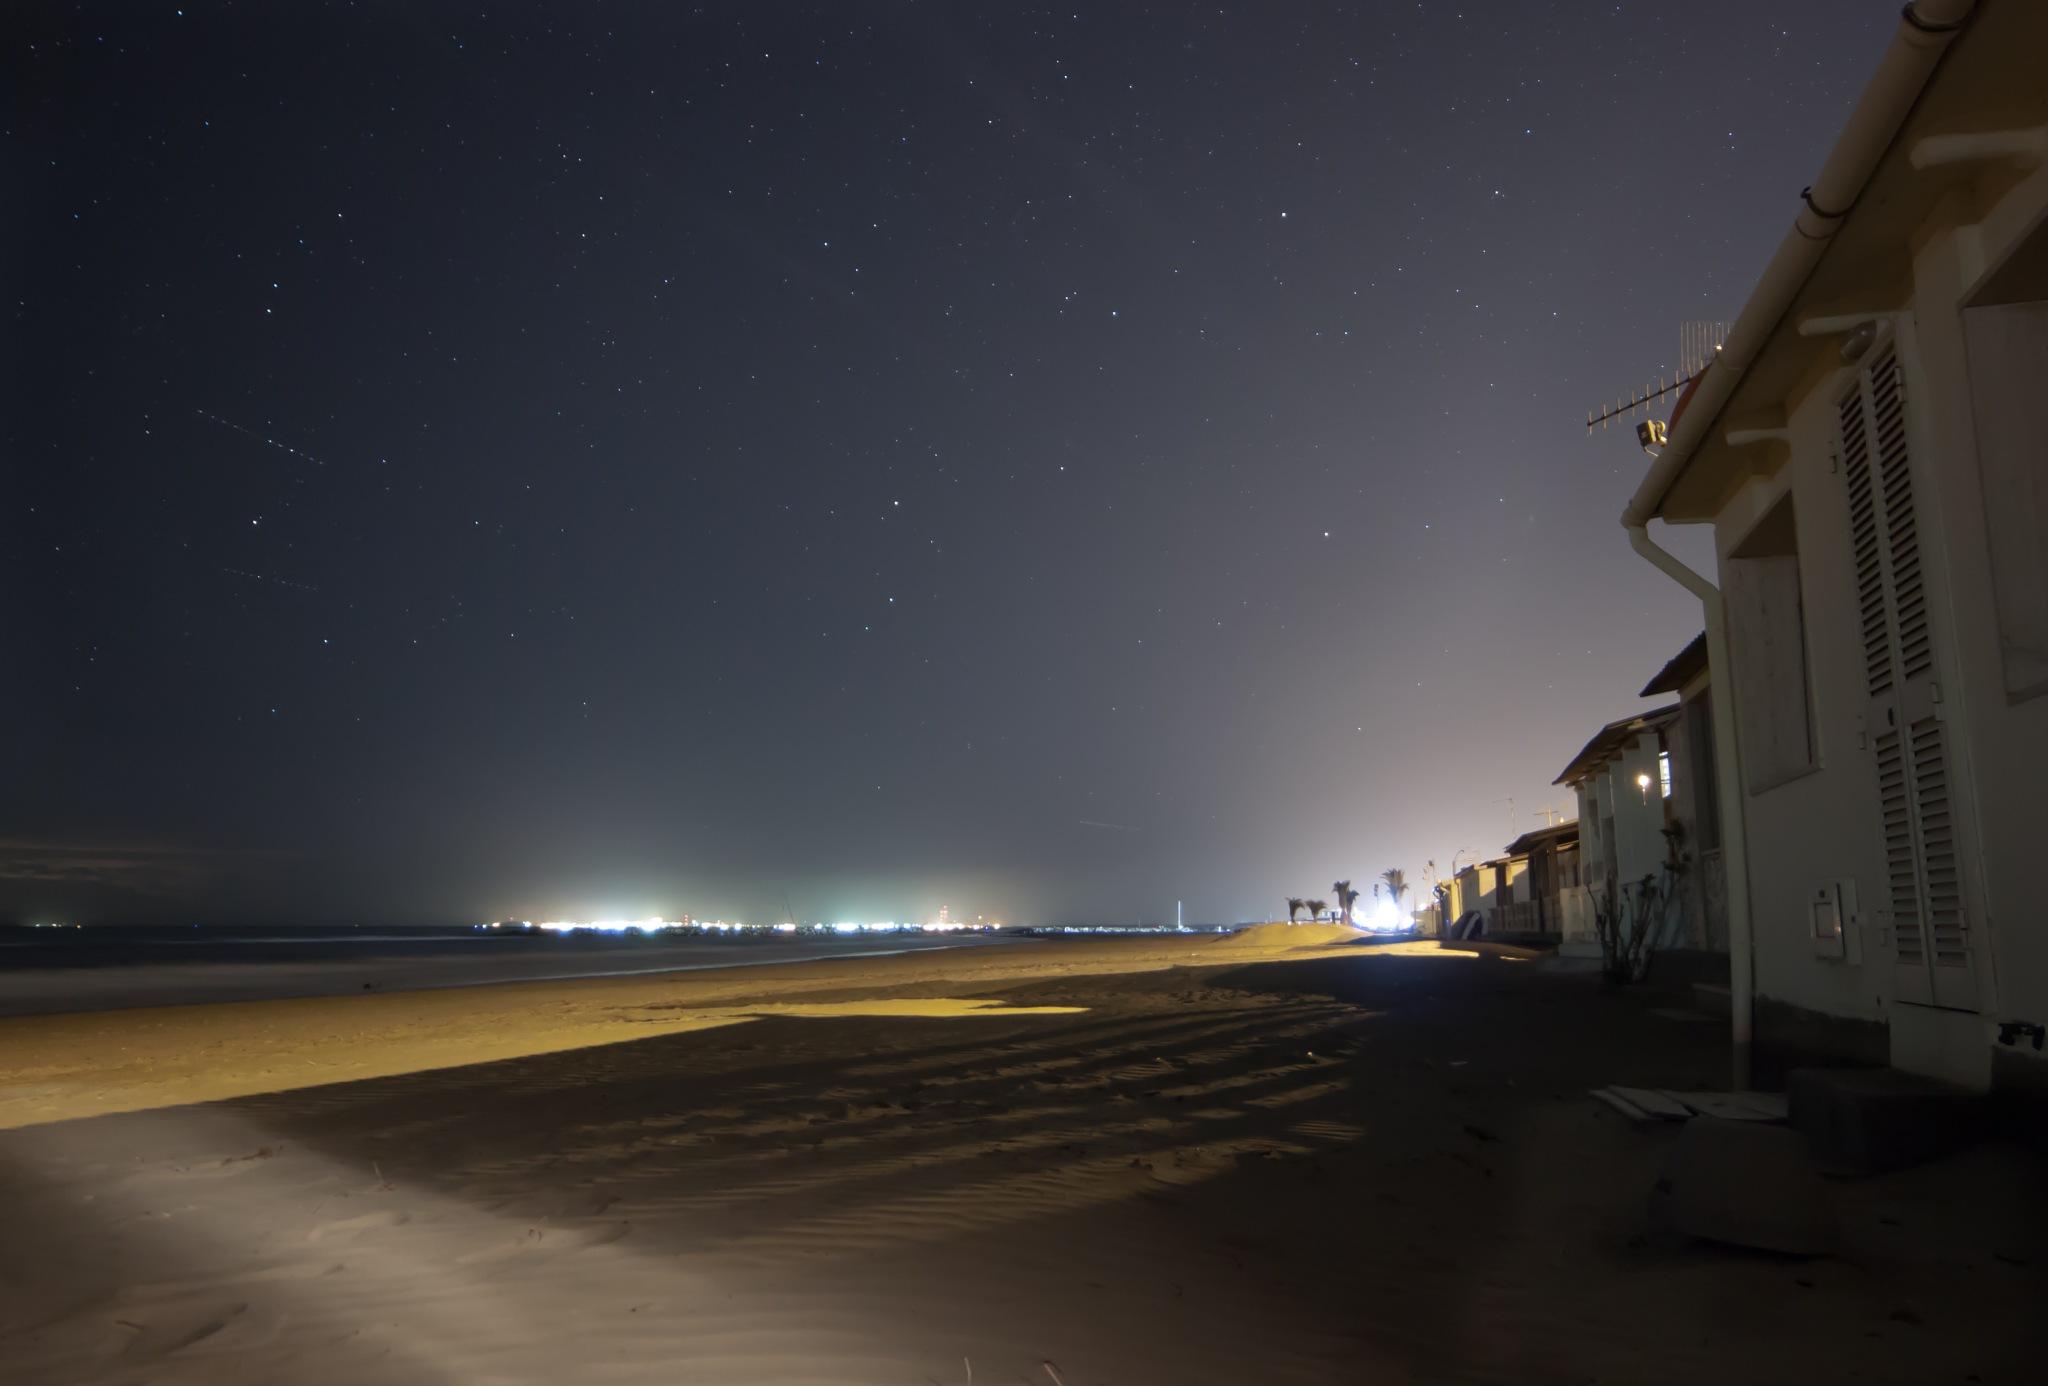 Beach by Night by Rockbelt